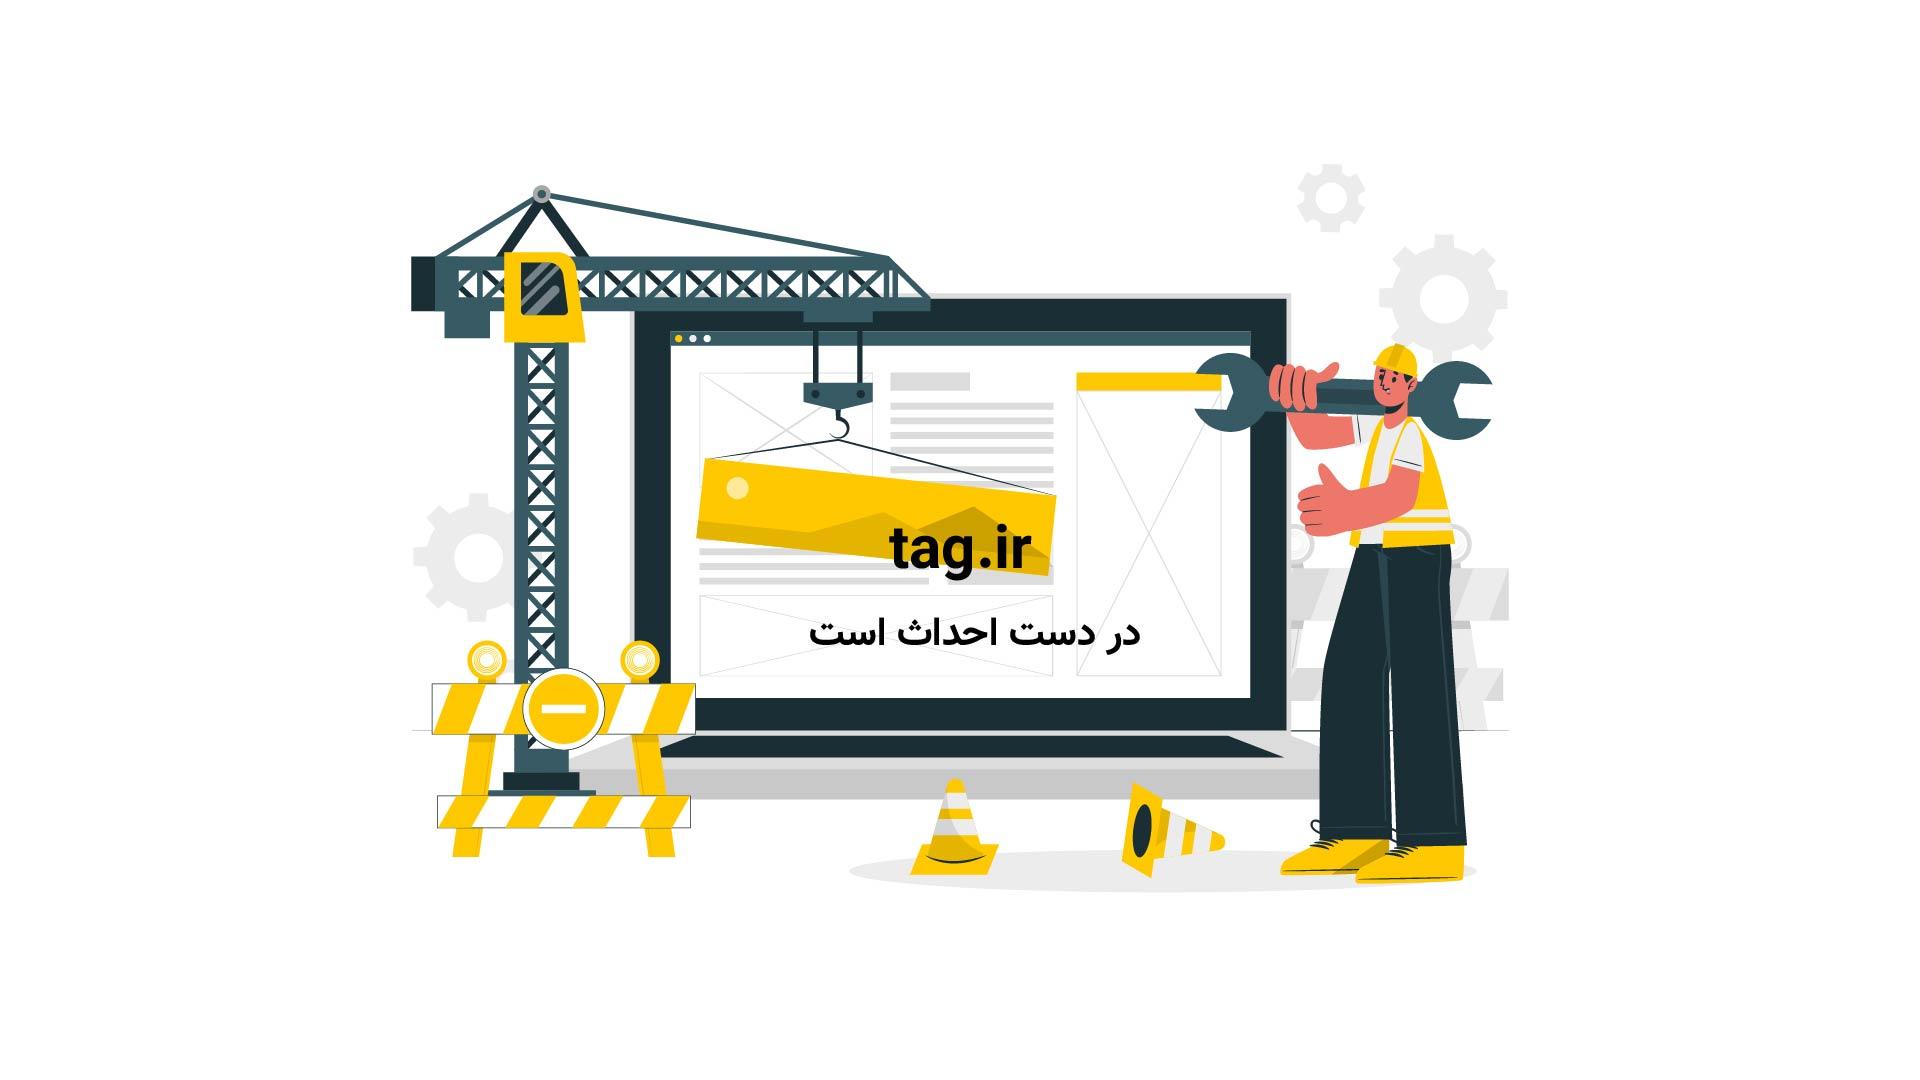 نمایشگاه آثار کمتر دیده شده موزه | تگ